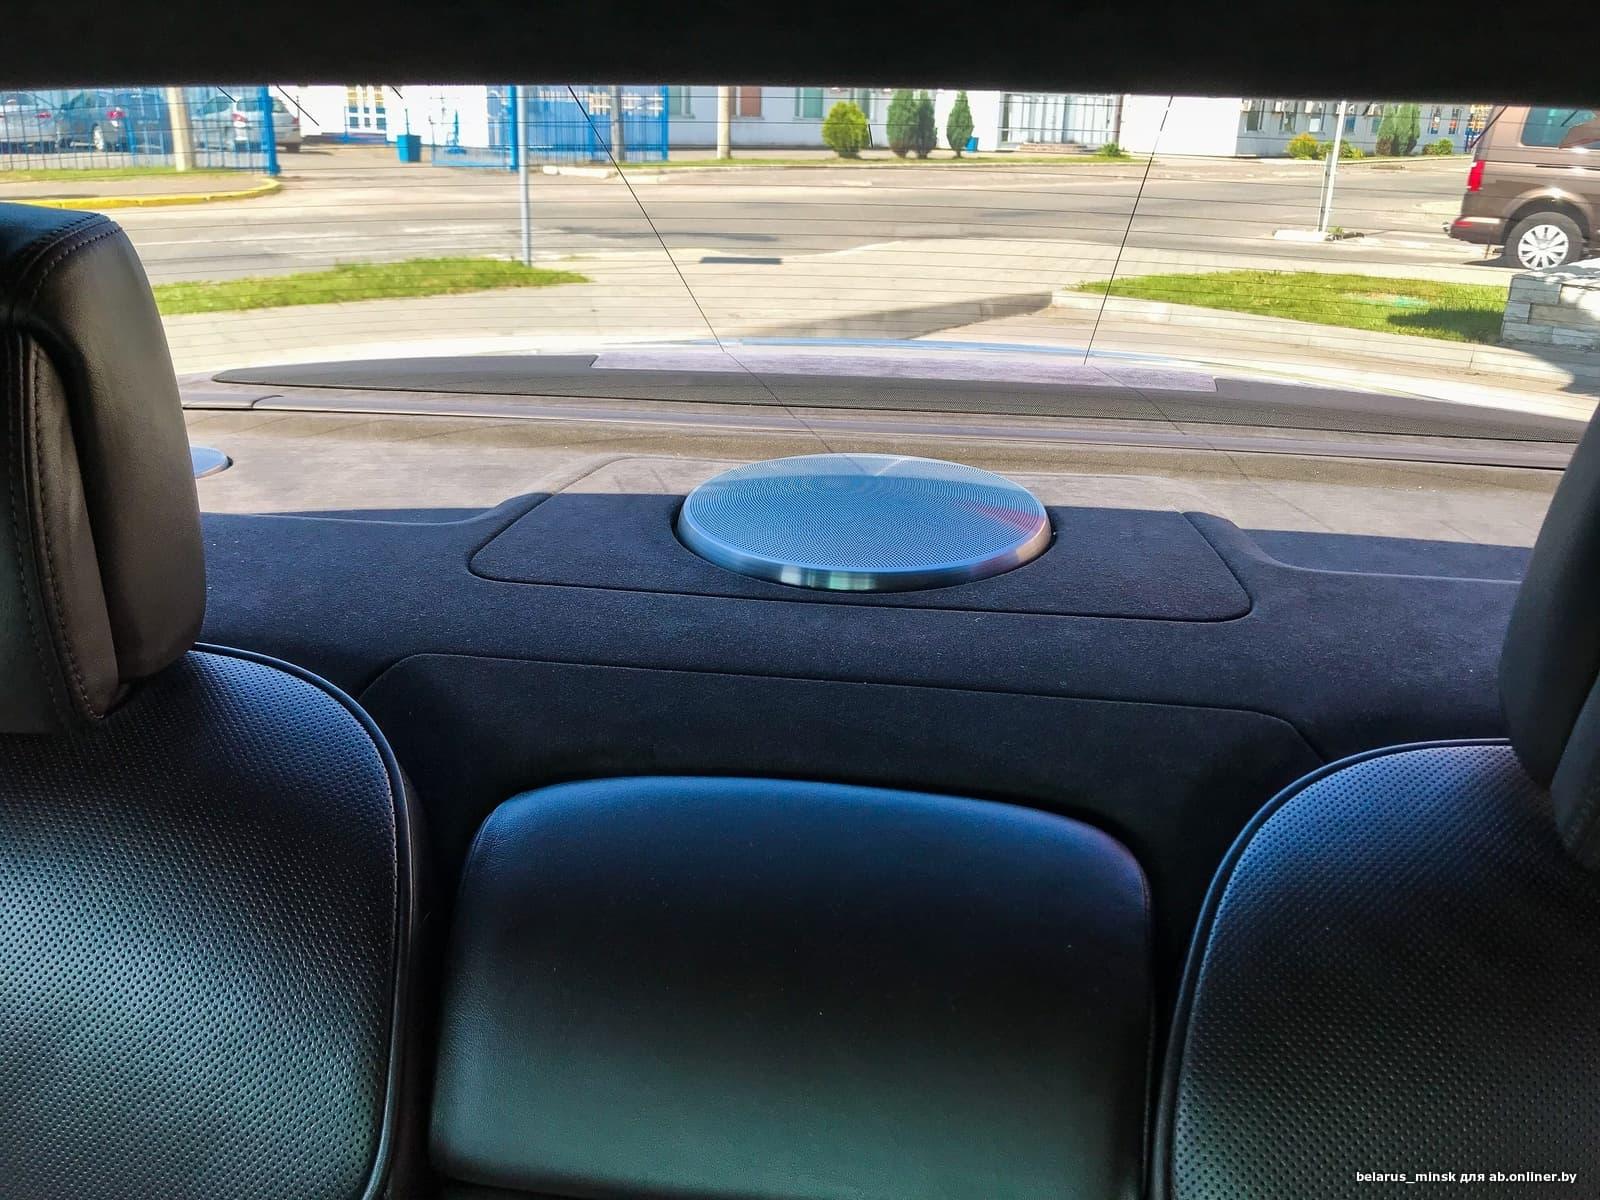 Audi S8 Restayling